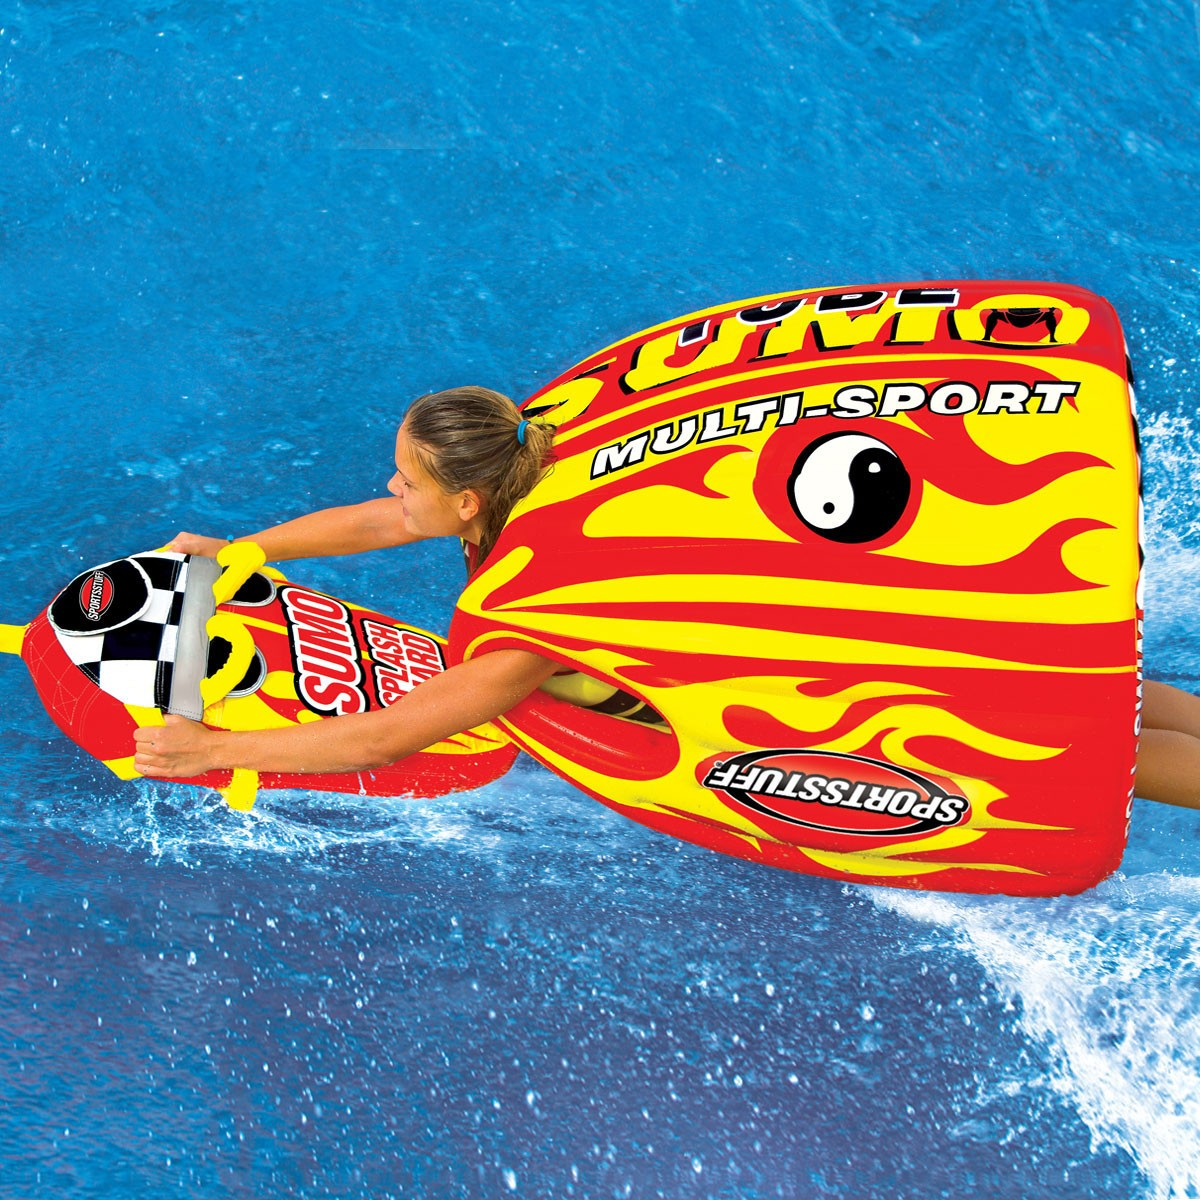 【トーイングチューブ】SPORTSSTUFF スポーツスタッフ SUMO&SPLASH GUARD combo スモウ&スプラッシュ ガード セット 1人乗り